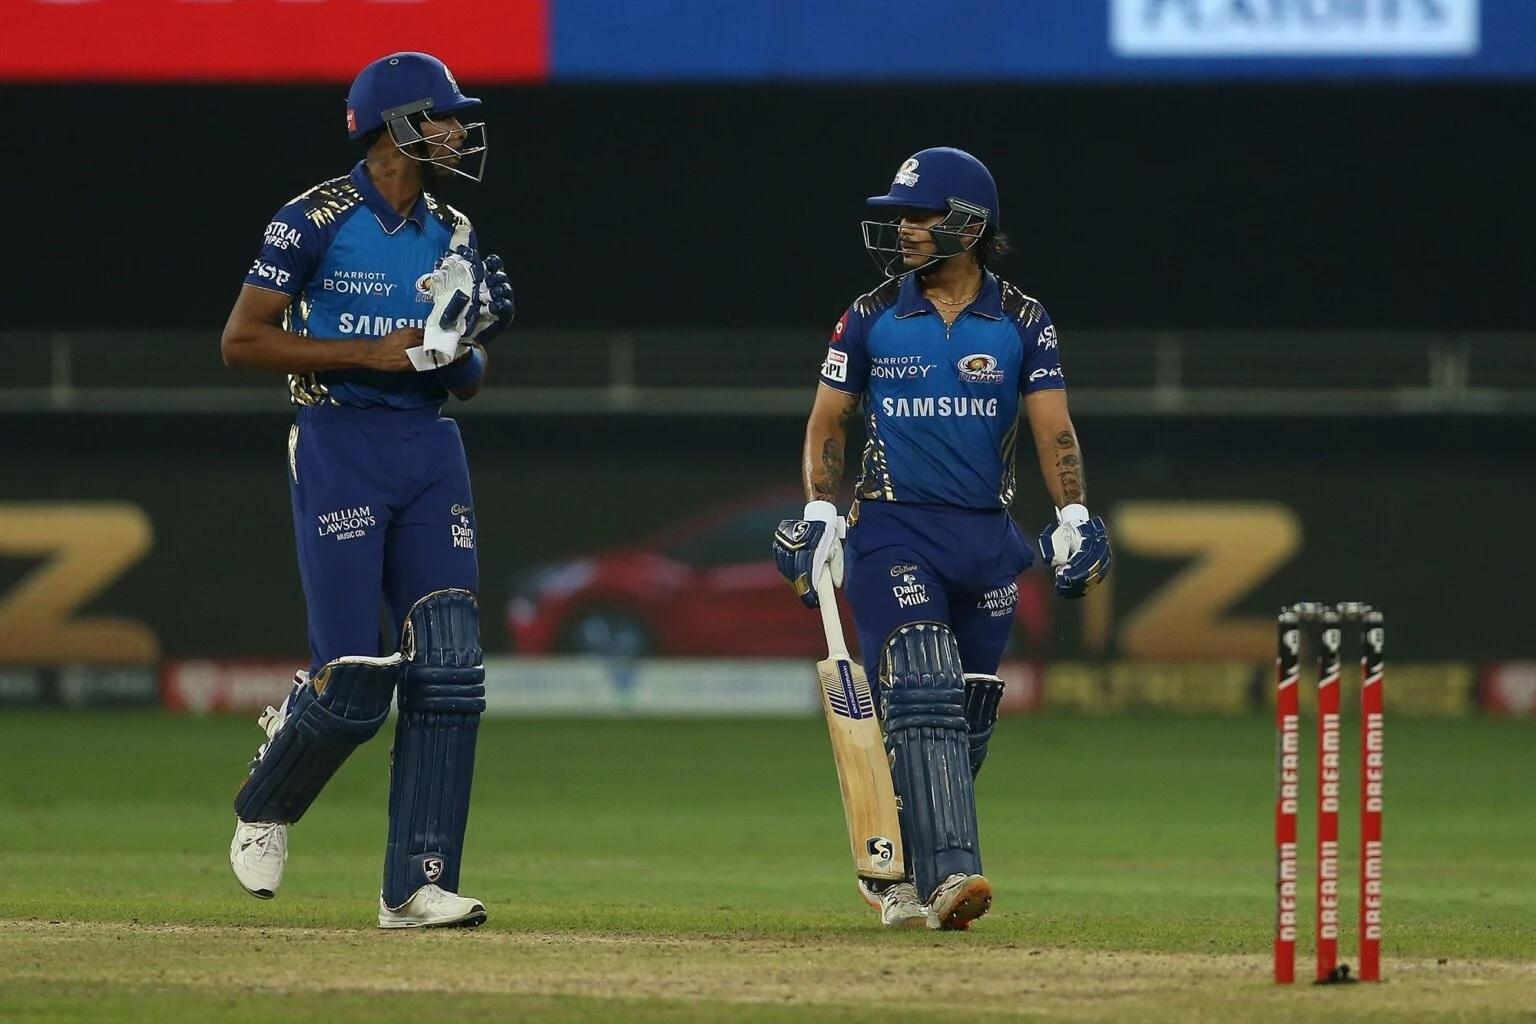 MIvsDC: দিল্লি ক্যাপিটালসকে ৫৭ রানে হারিয়ে মুম্বাই ইন্ডিয়ান্স পেল ফাইনালের টিকিট 1